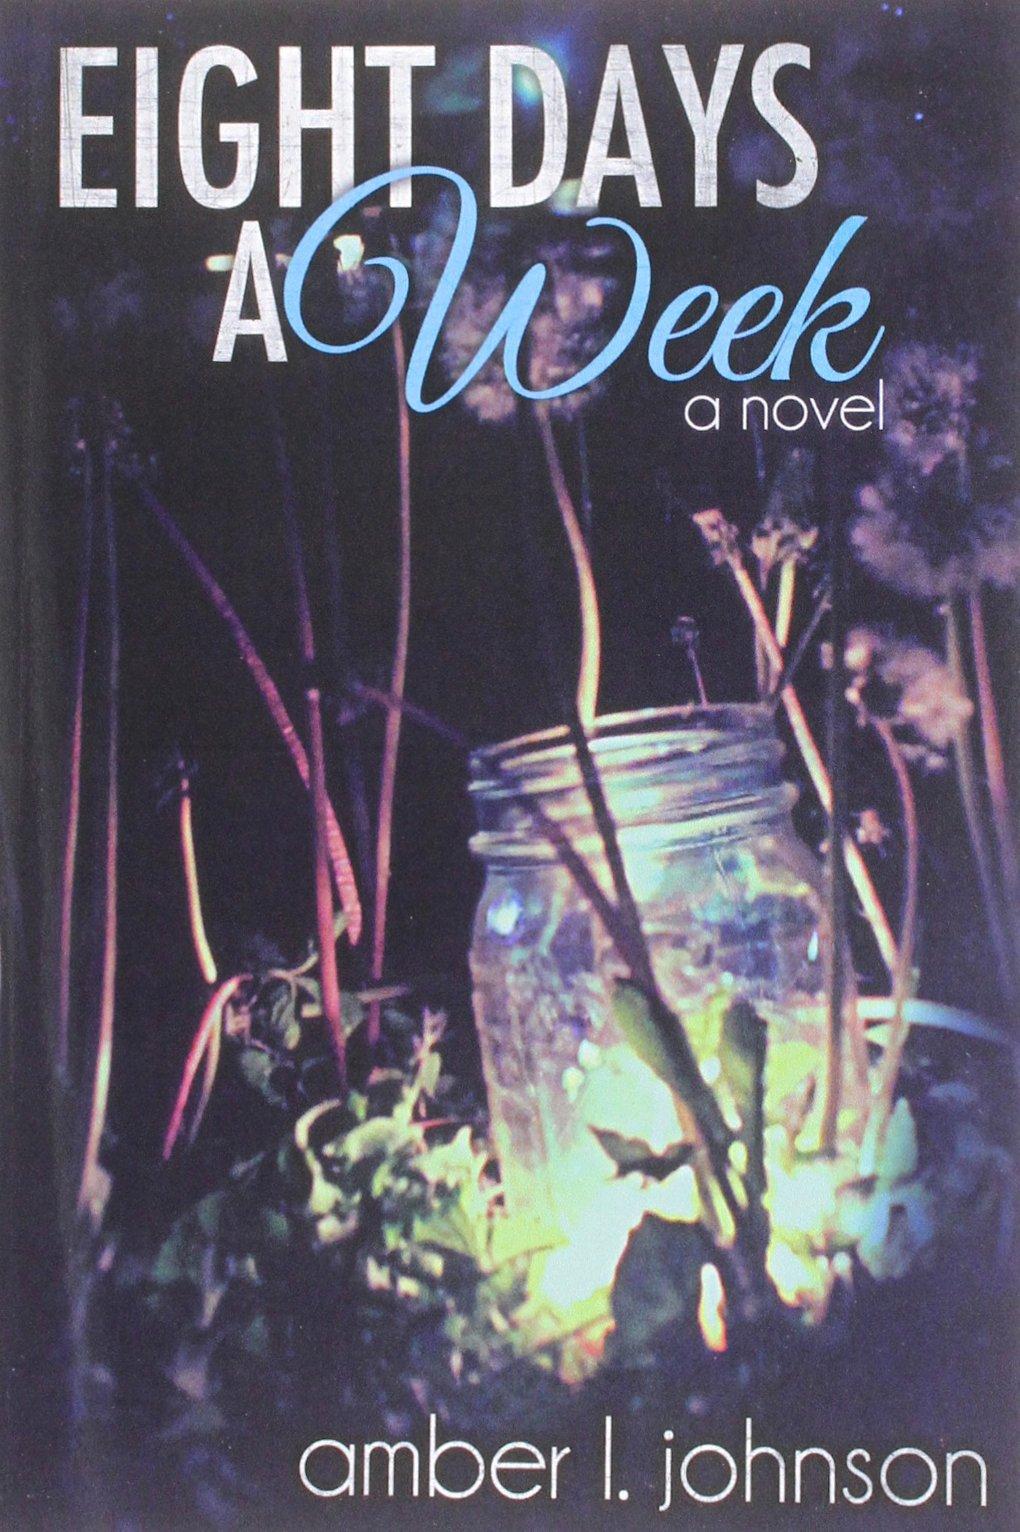 Eight Days a Week: Amazon.es: Amber L. Johnson: Libros en idiomas extranjeros